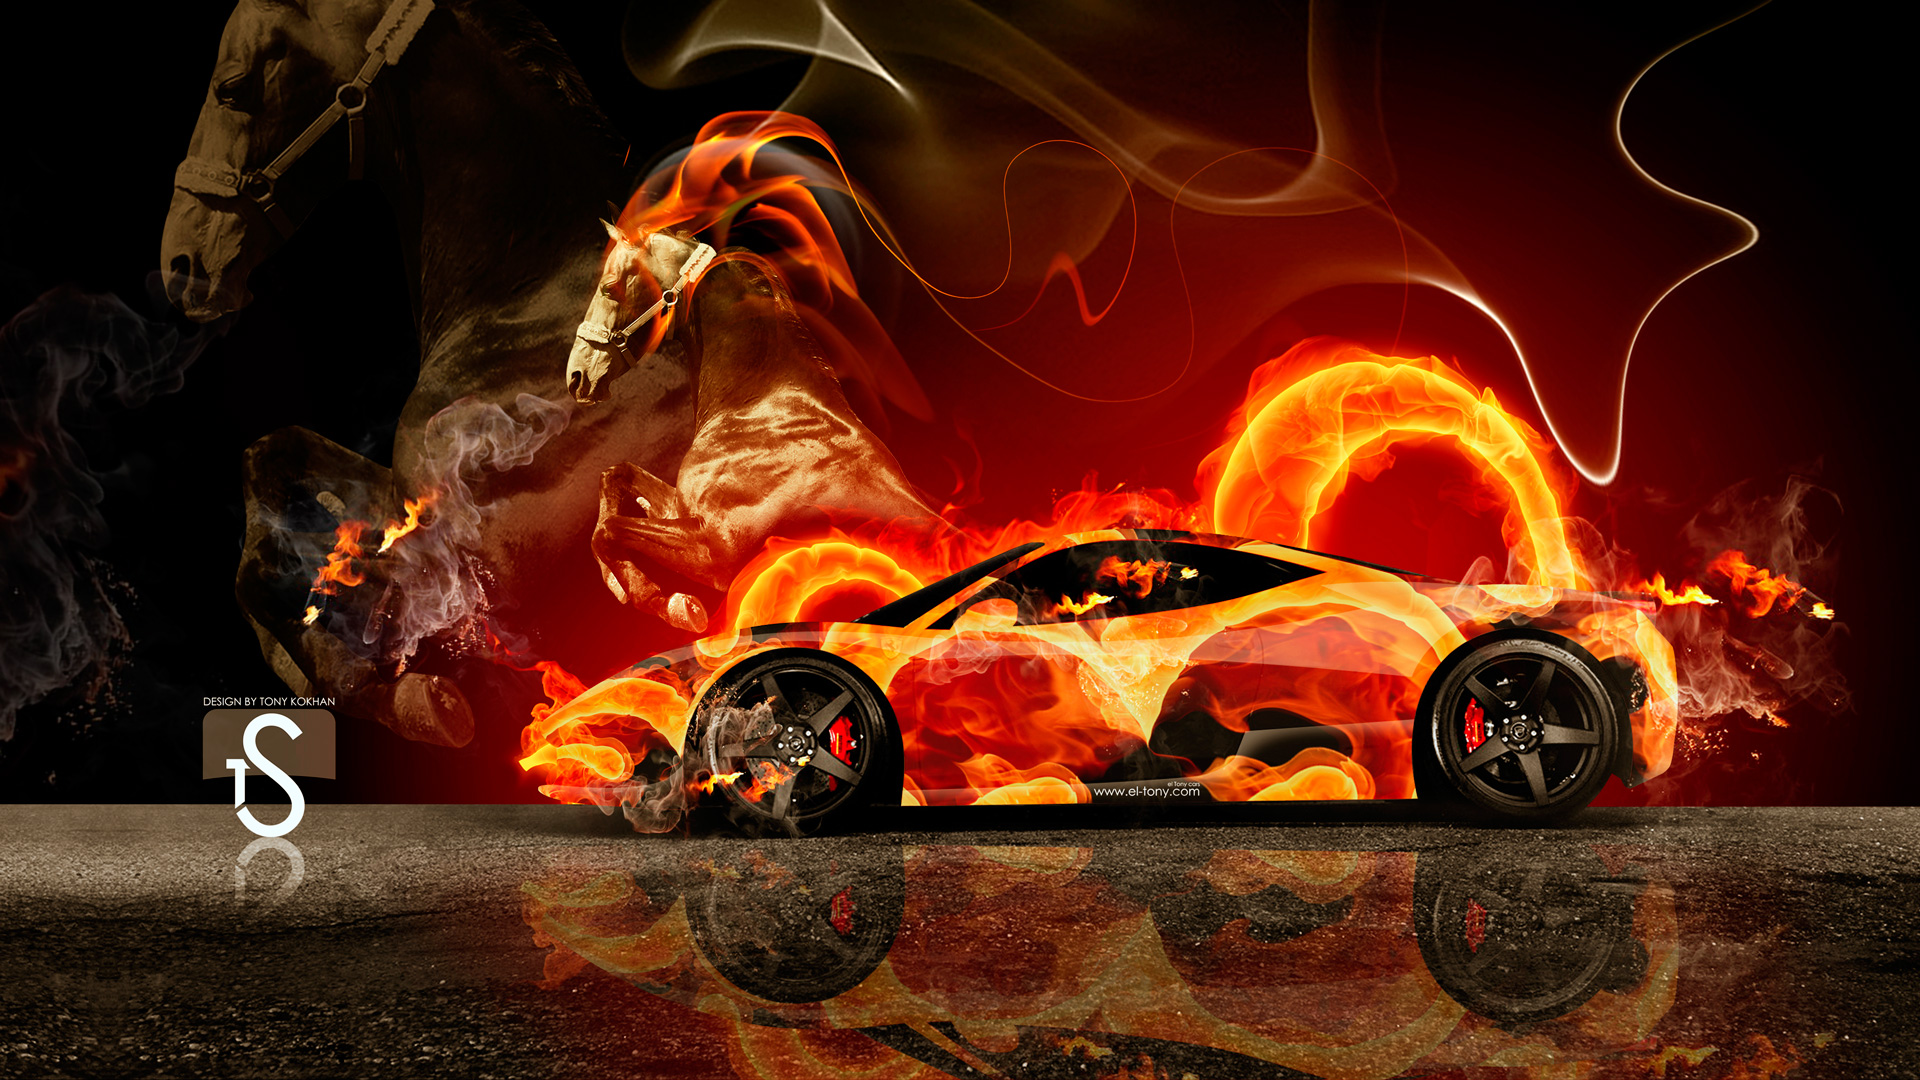 Ferrari Fire Horse Car 2014 Hd Wallpapers Design By Tony Kokhan Www